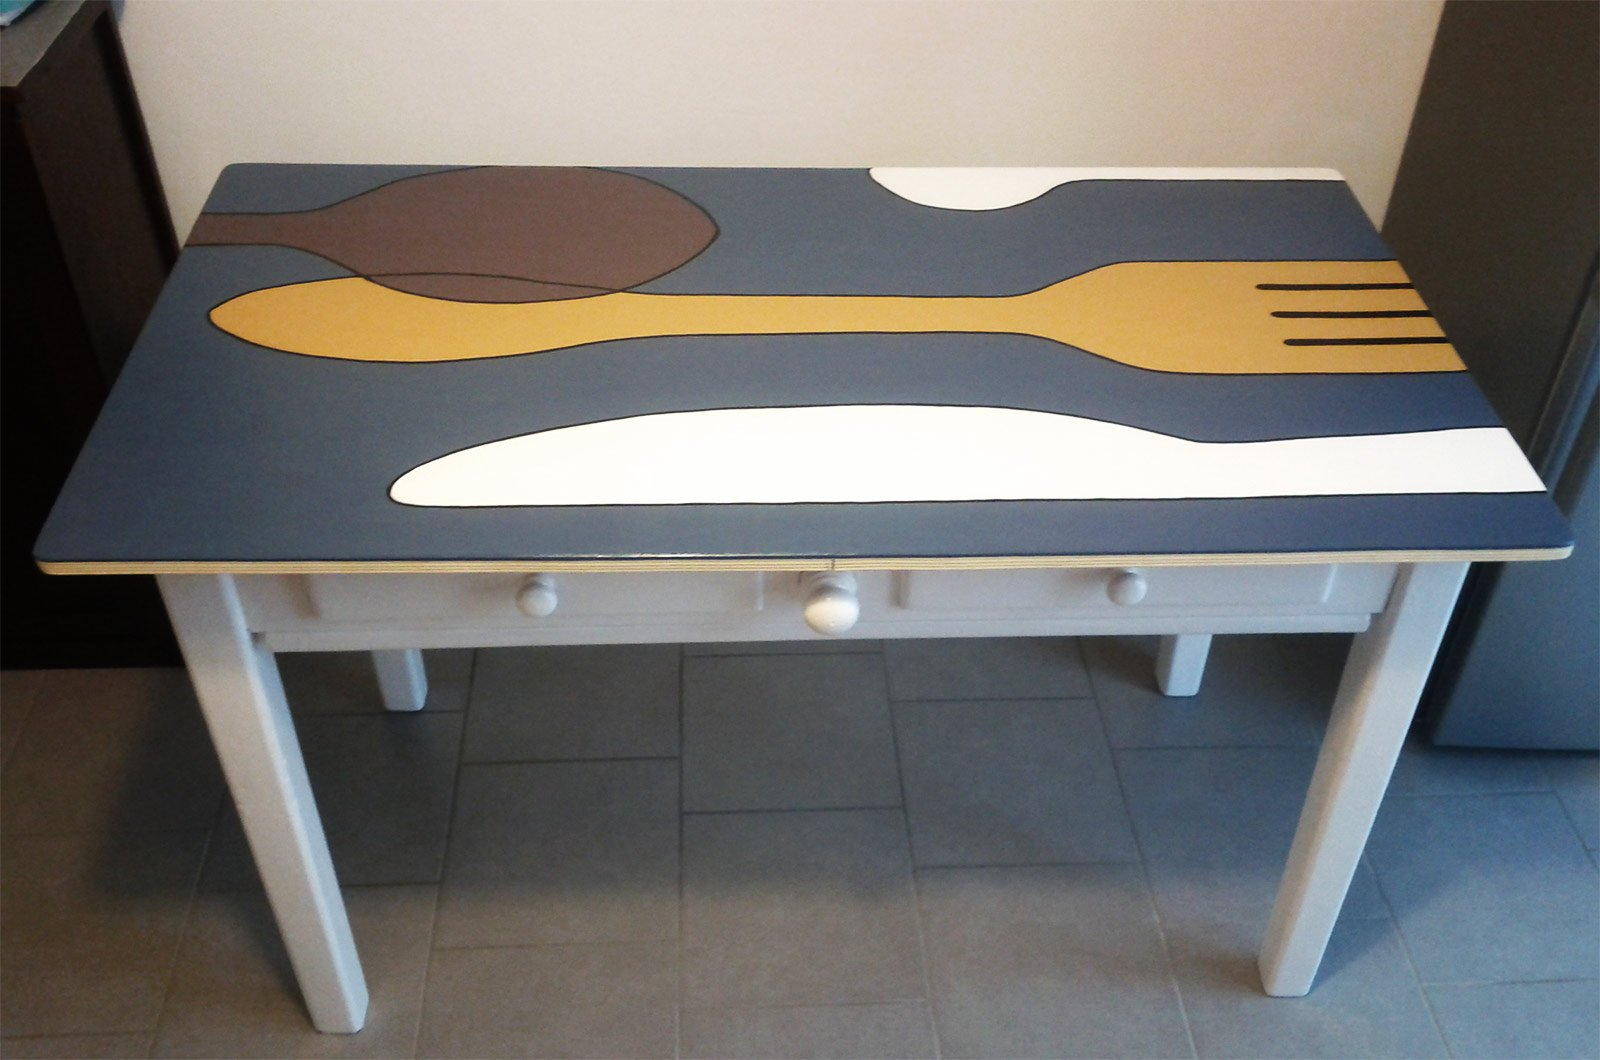 Un tavolo decorato con maxi posate